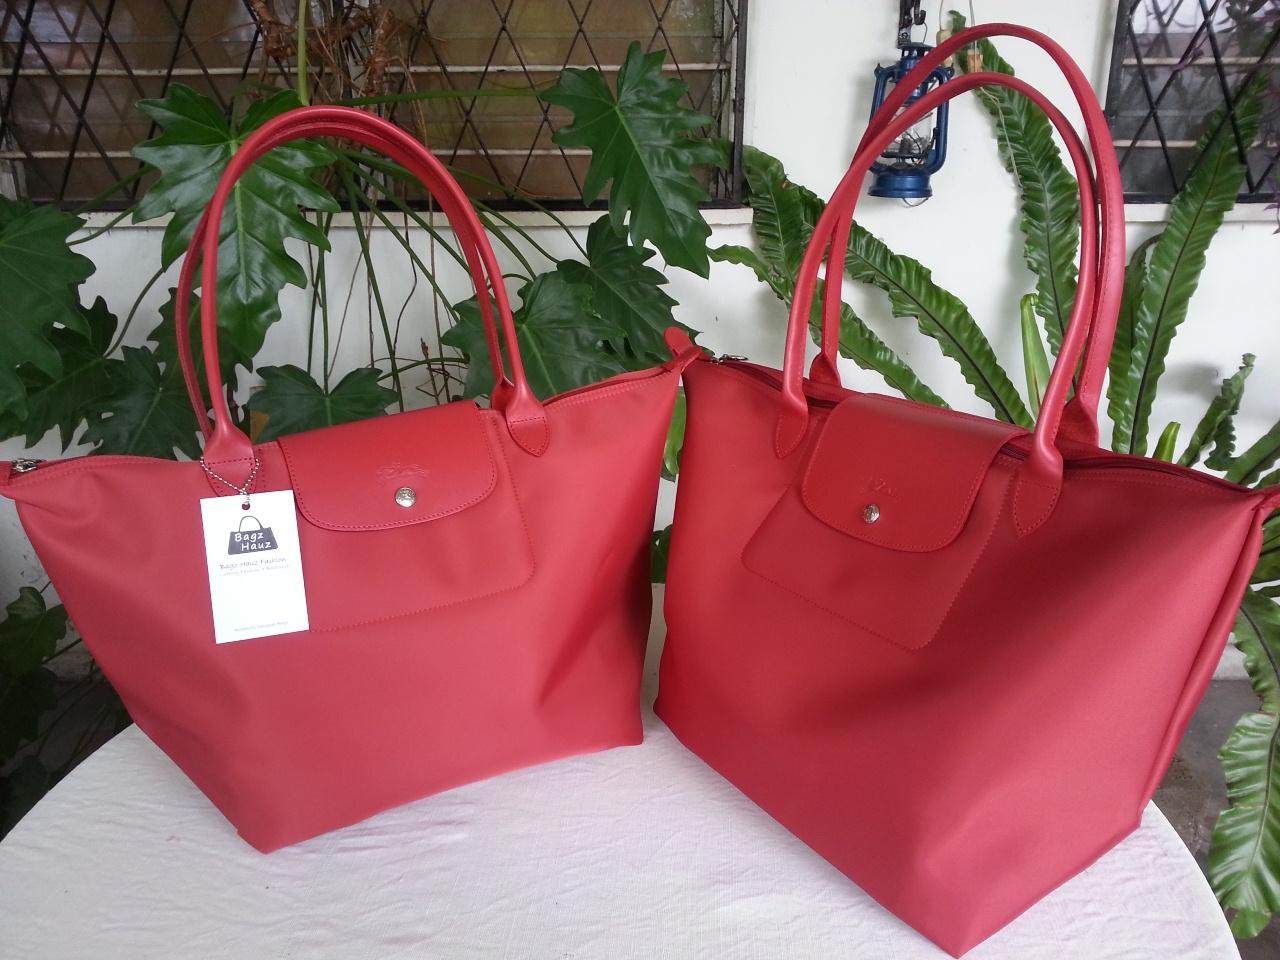 longchamp outlet paris longchamps handbags longchamp luggage bag. Black Bedroom Furniture Sets. Home Design Ideas